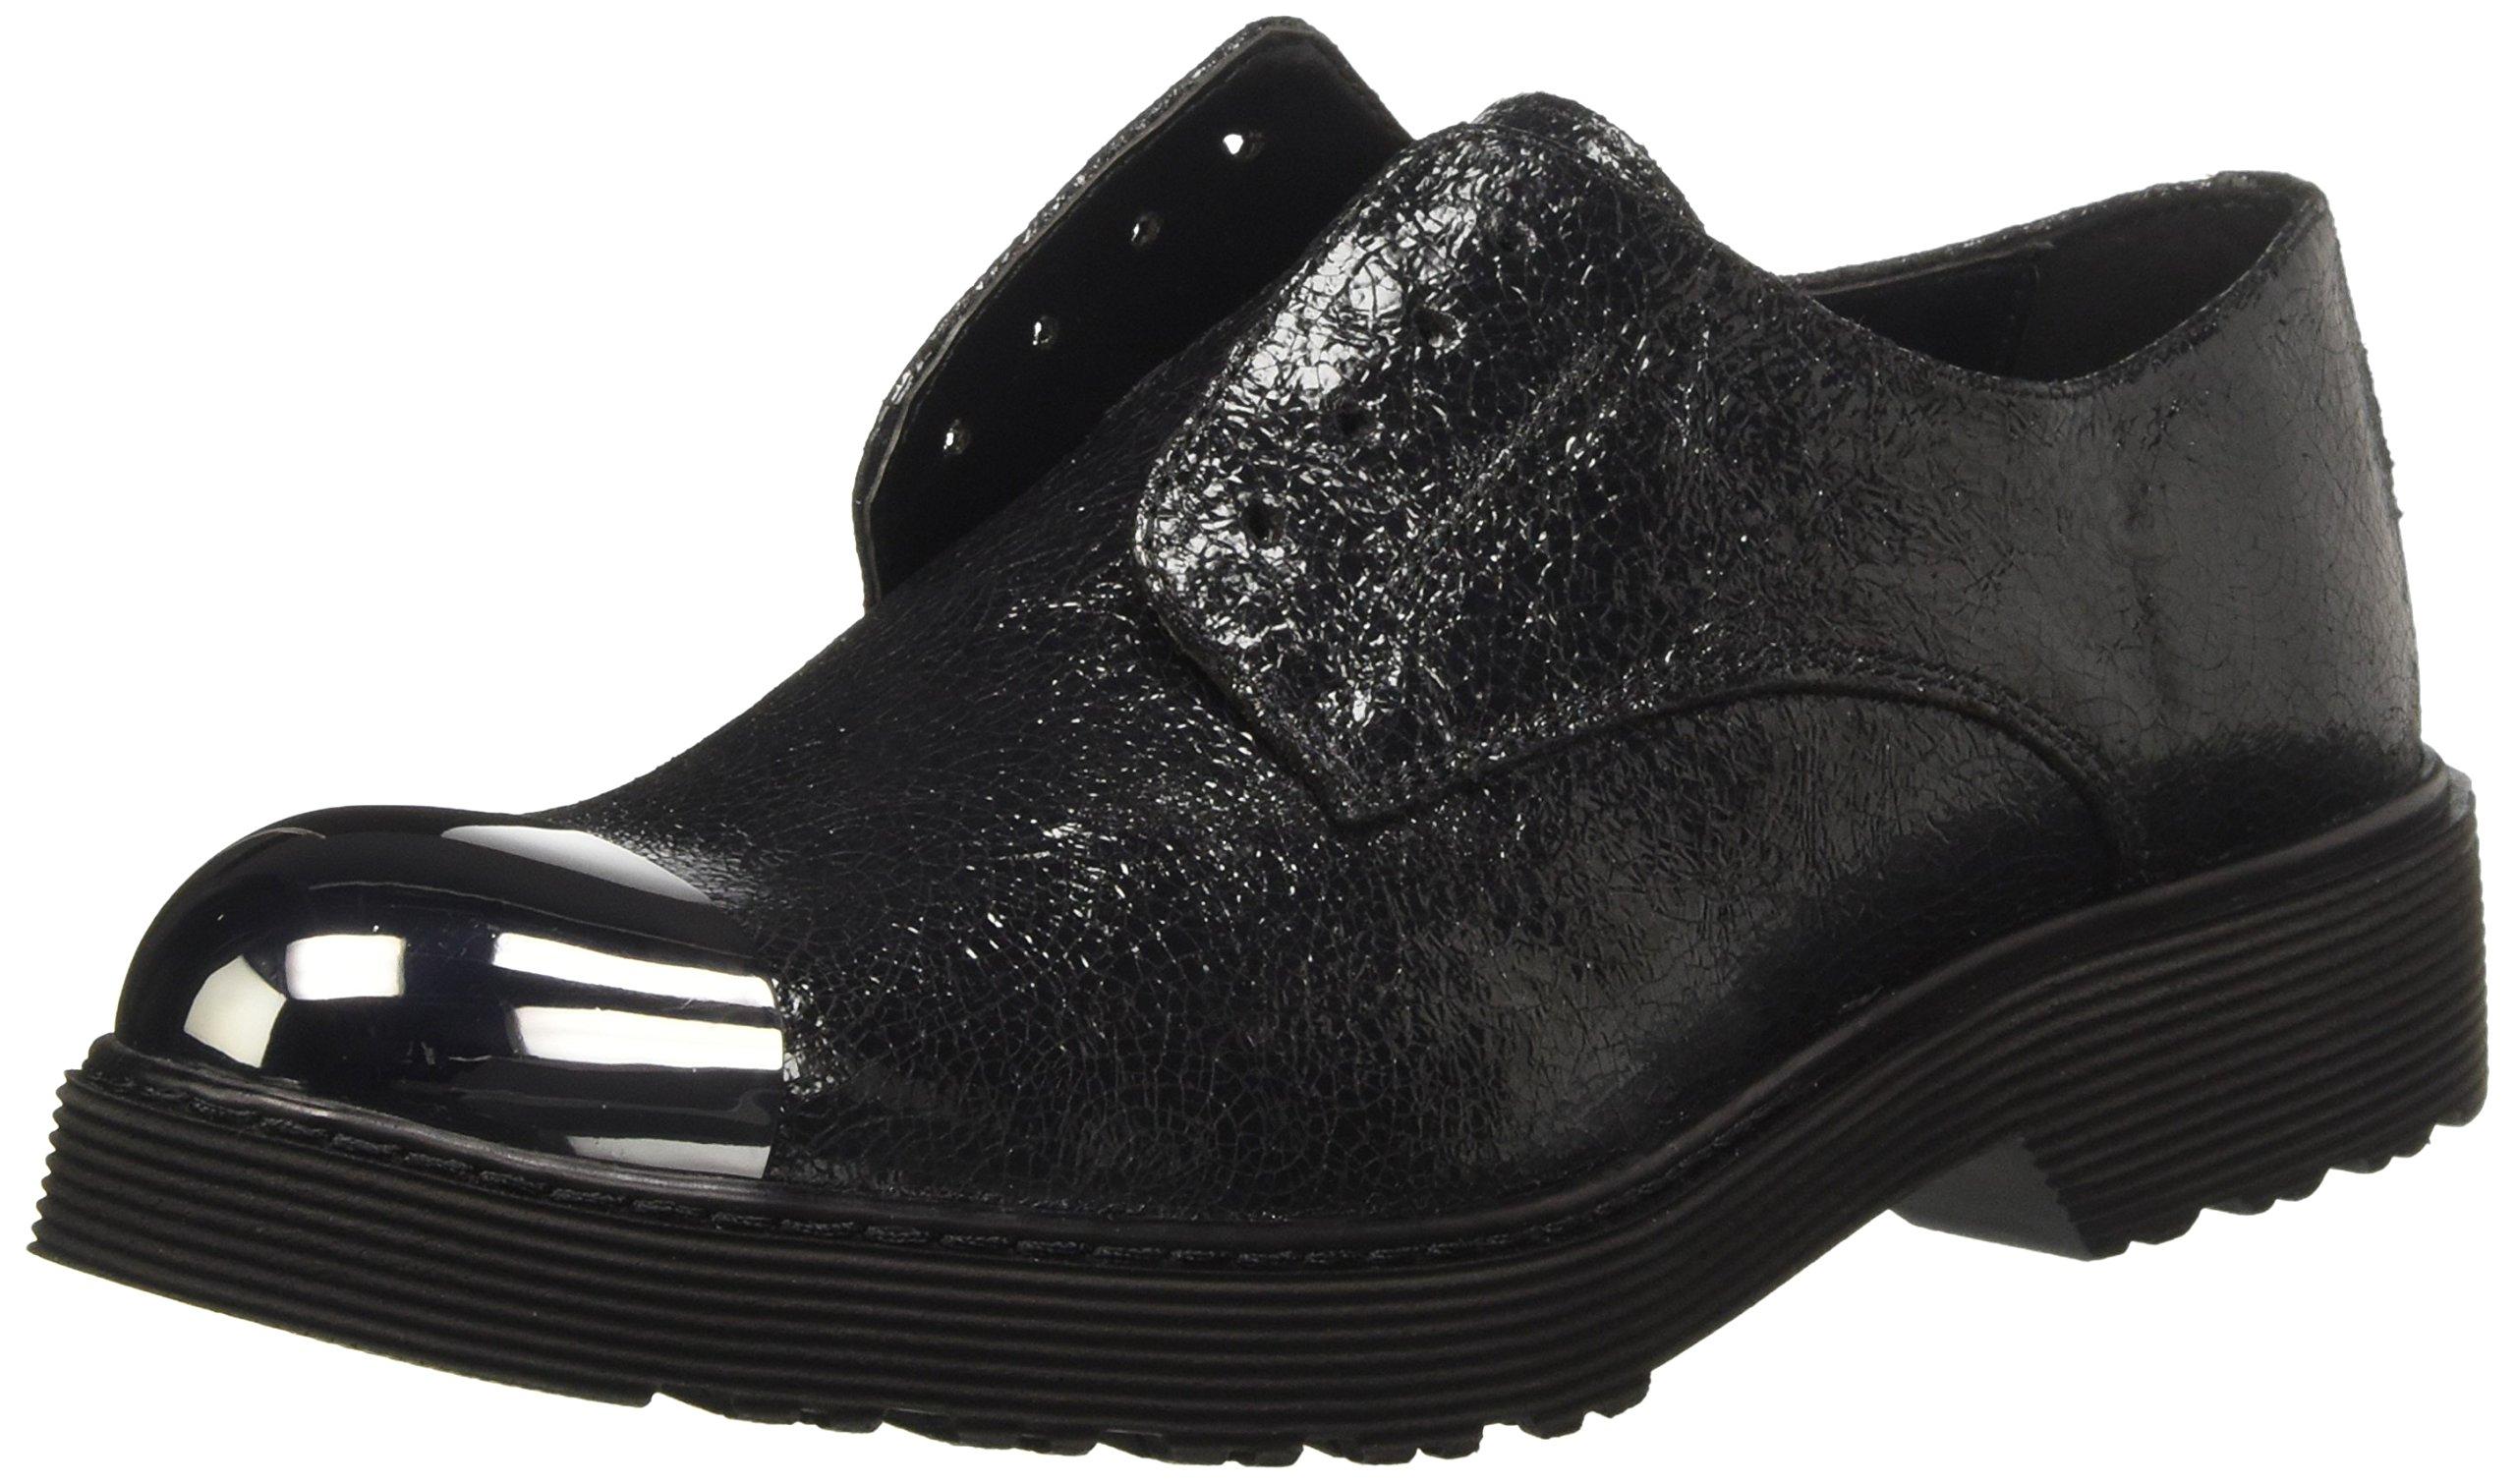 Cle103178Sneakers Eu FemmeNoirnero 99937 Basses Cult FJKlTc1